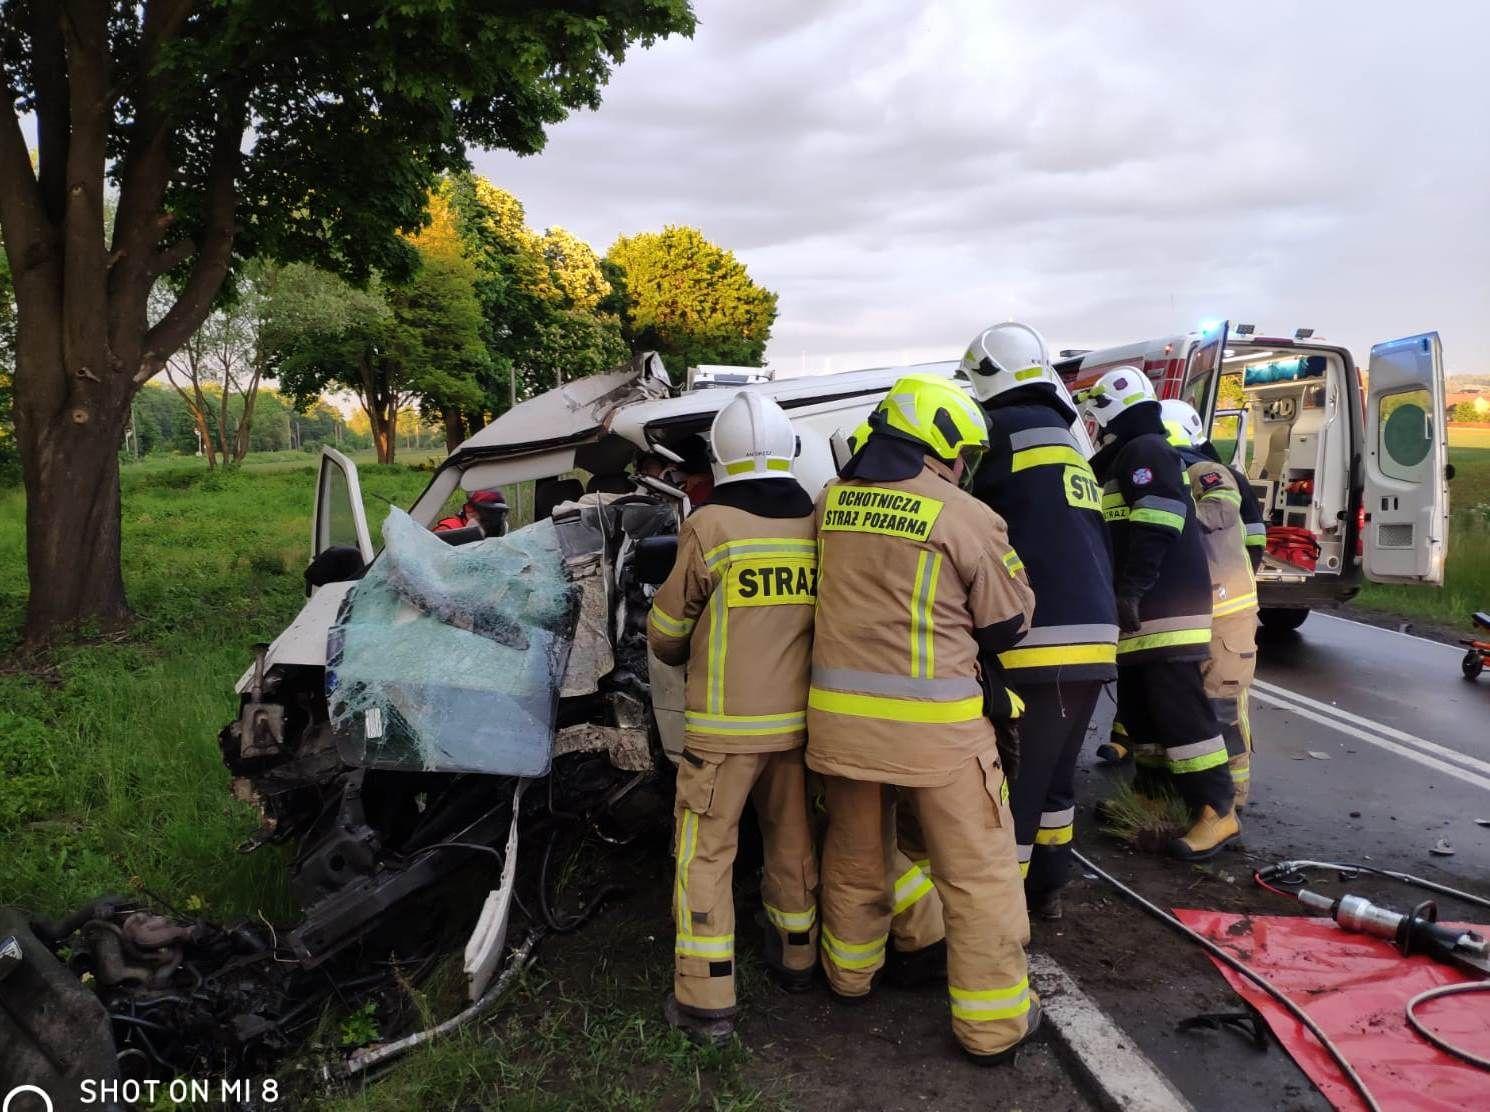 Samochód dostawczy roztrzaskał się na drzewie [FOTO] [AKTUALIZACJA]